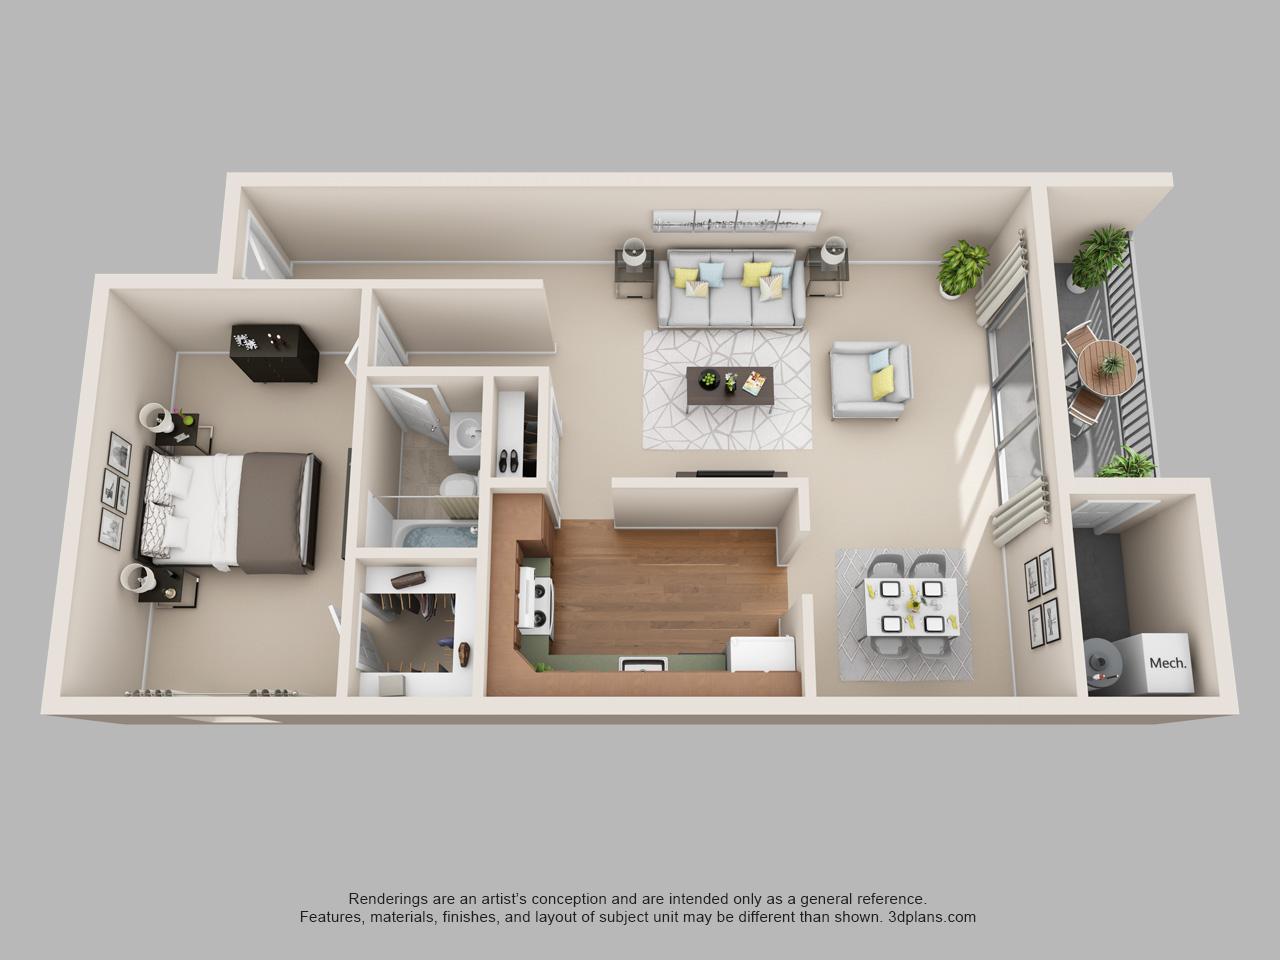 2 bedroom apartment in norristown